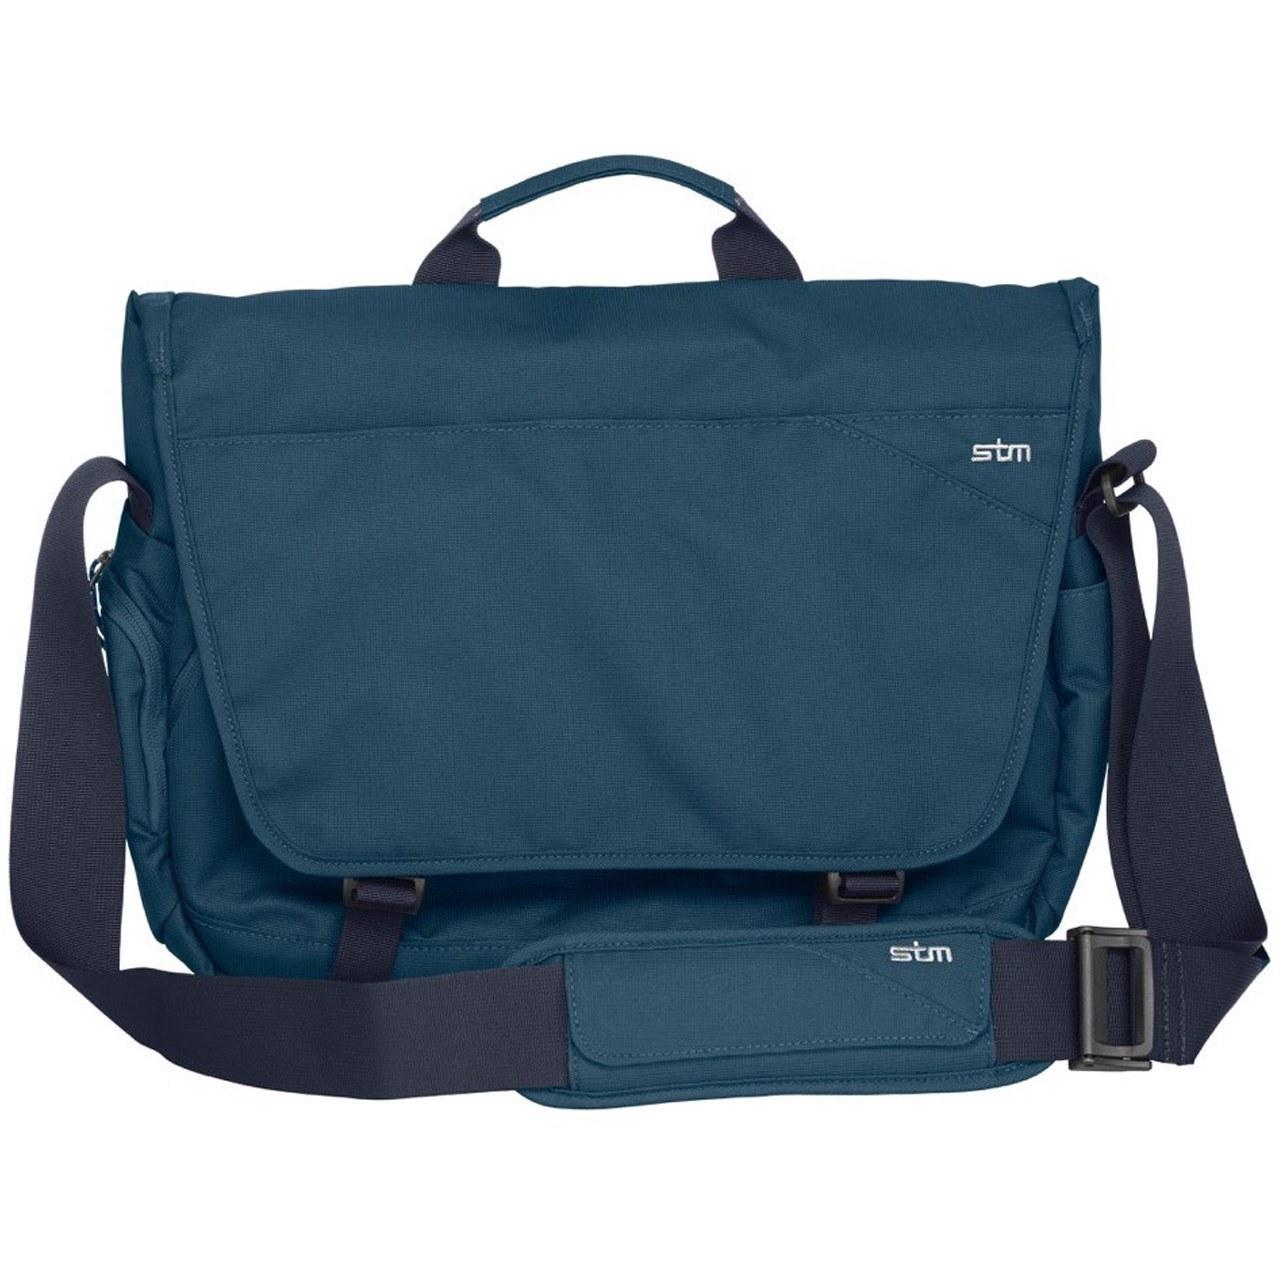 کيف لپ تاپ اس تي ام مدل Radial مناسب براي لپ تاپ 15 اينچي | STM Radial Bag For 15 Inch Laptop